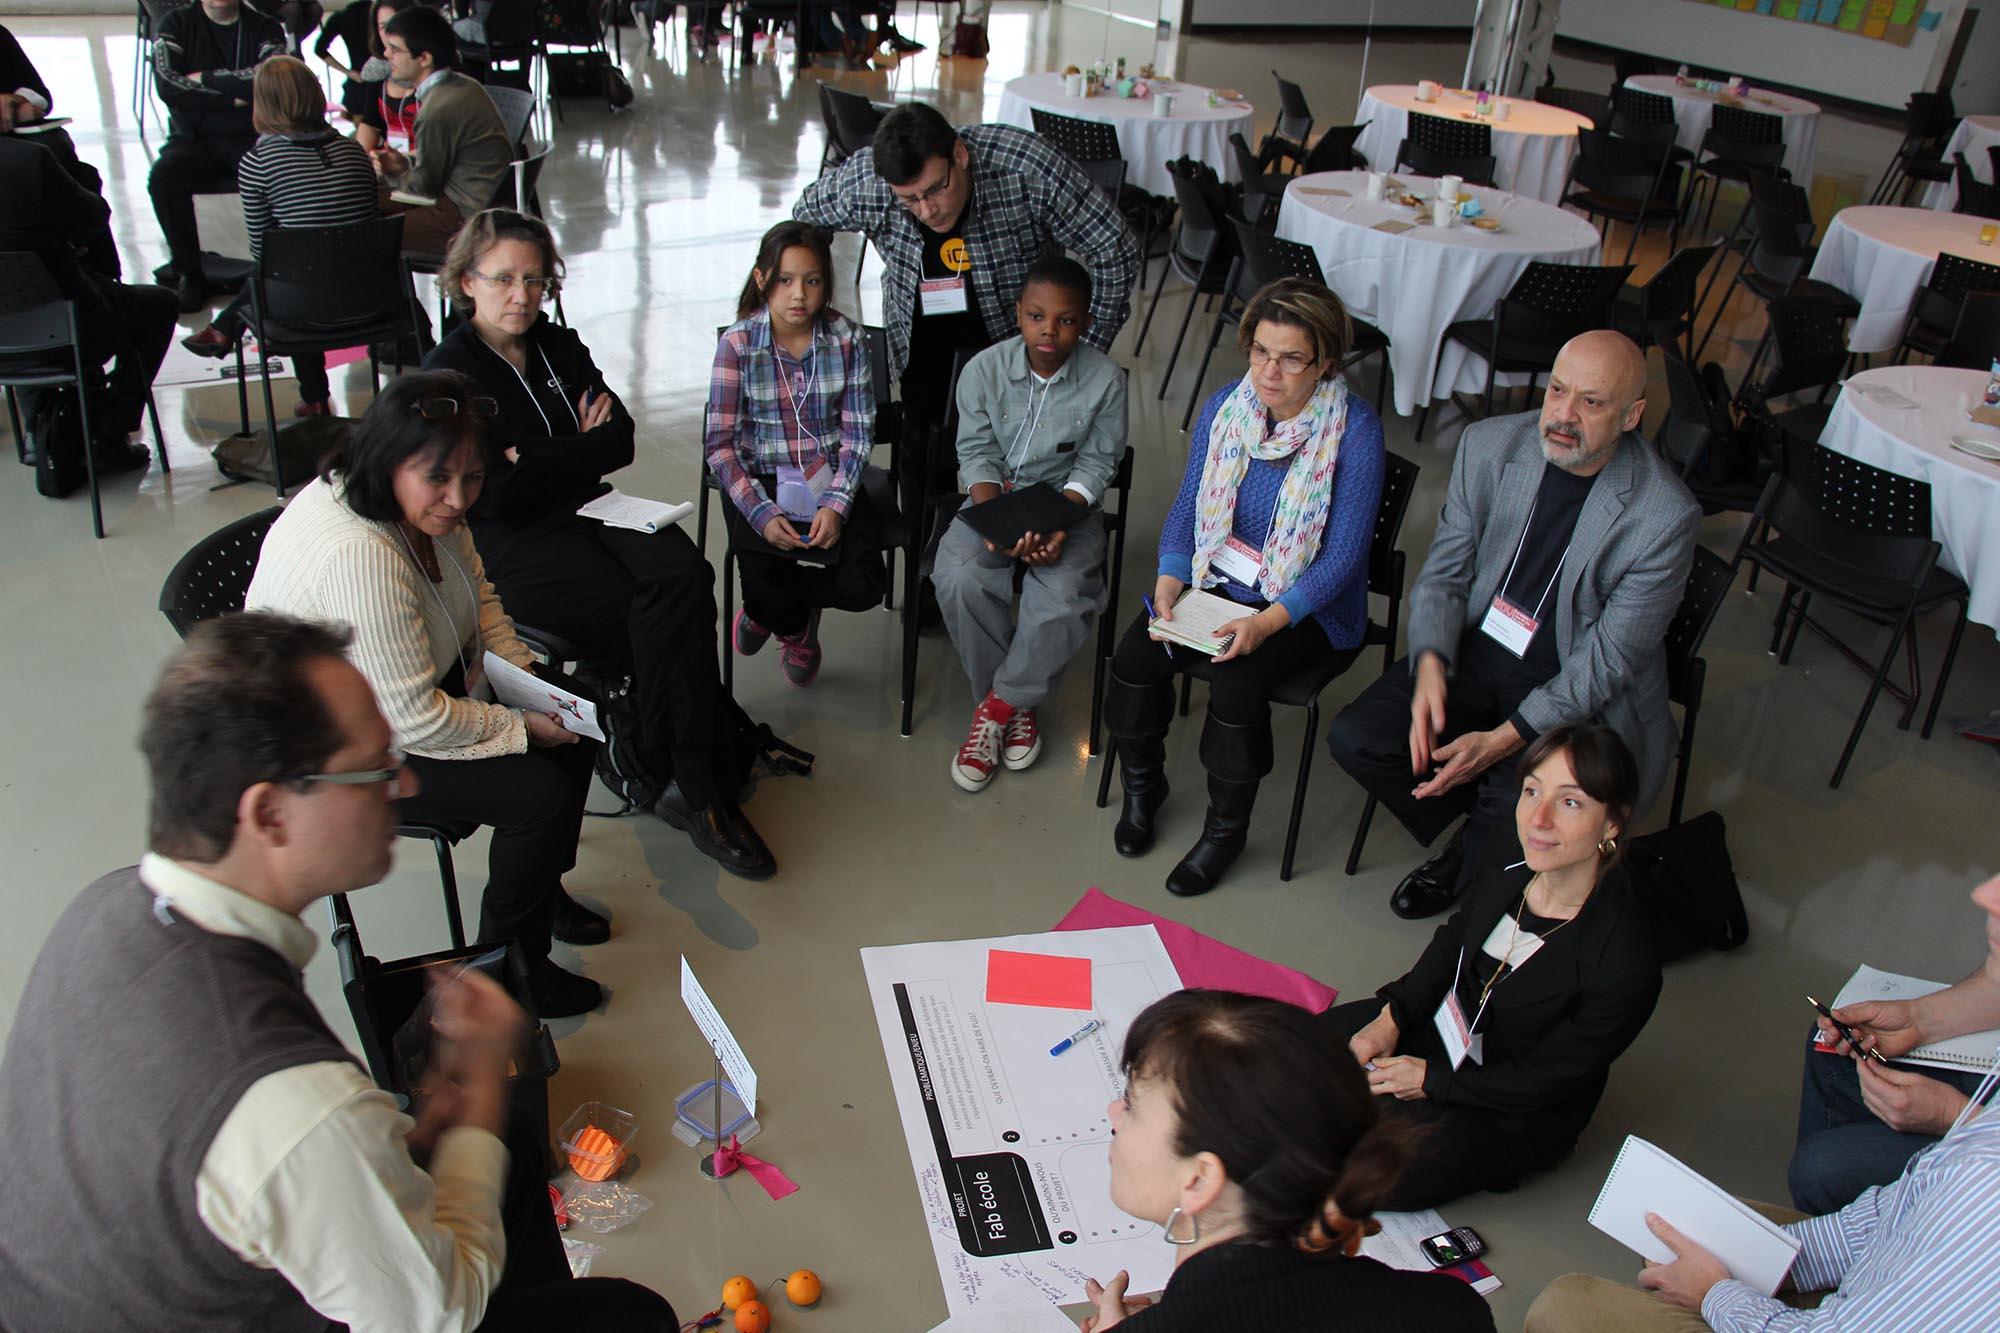 Utiliser les outils et approches d'innovation sociale et technologiques